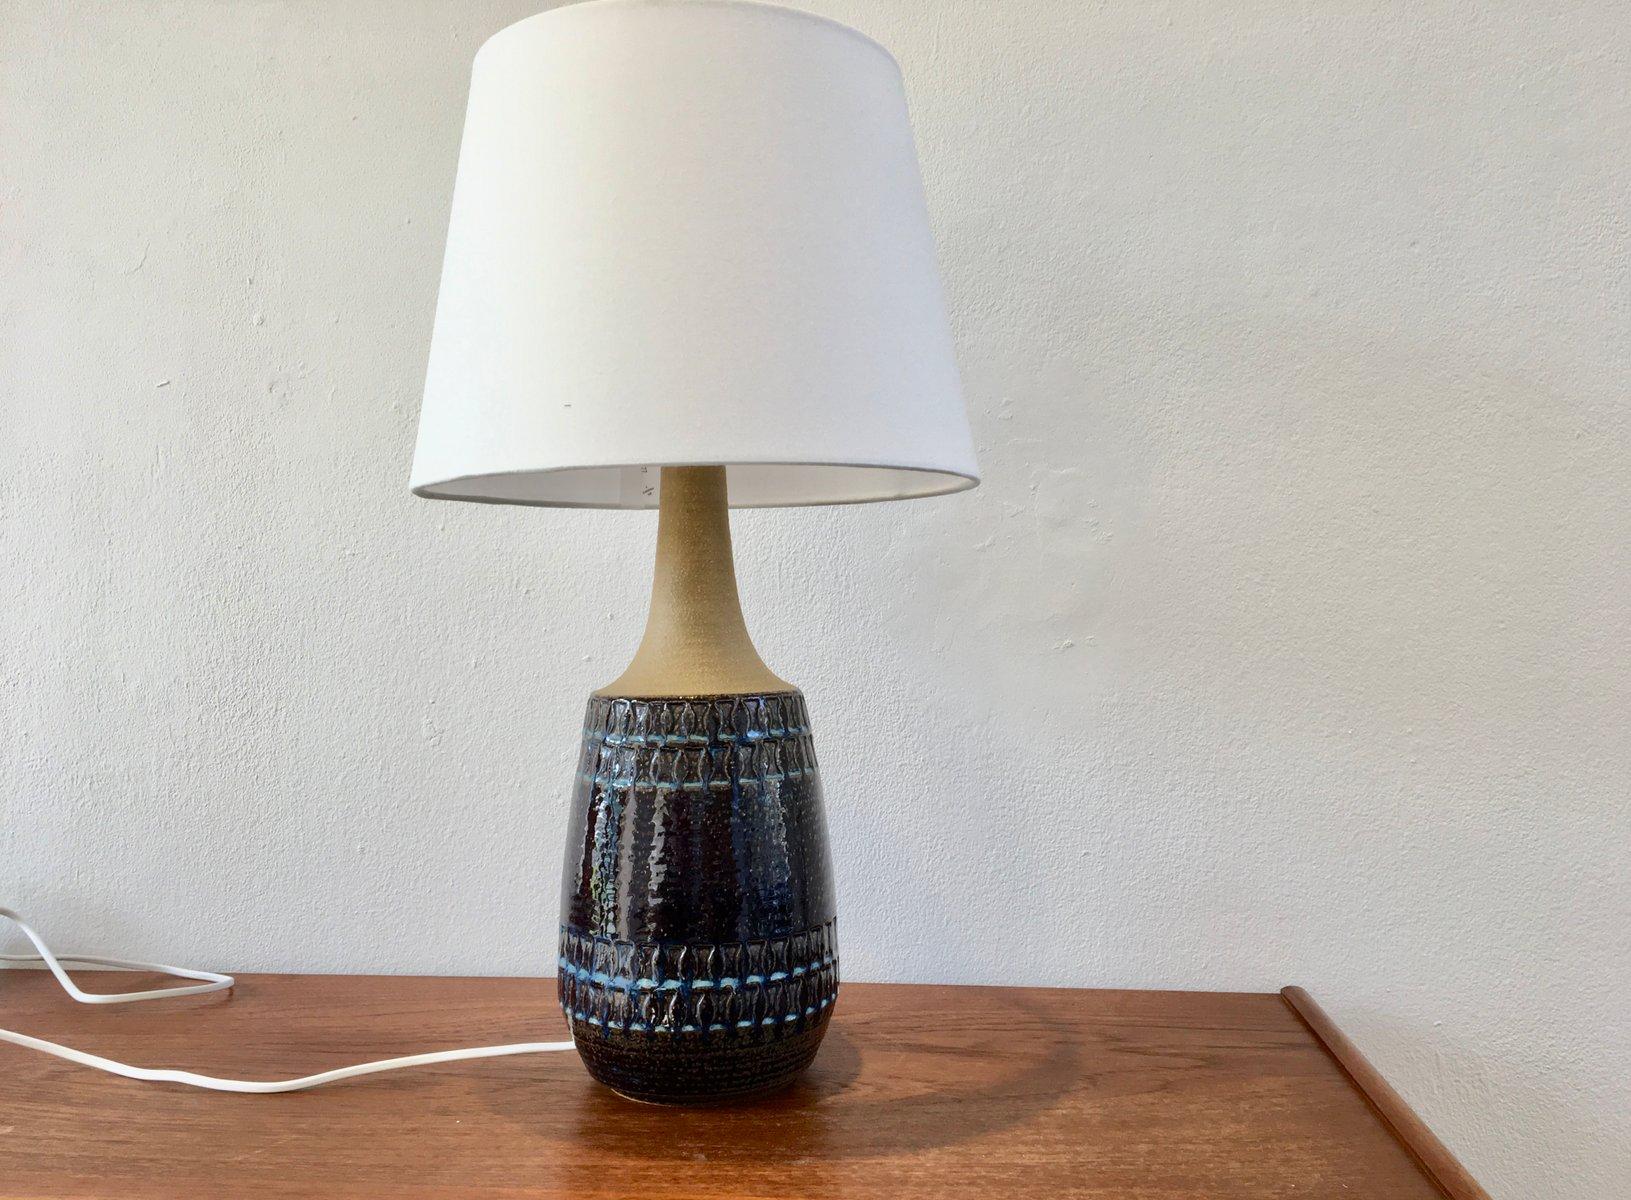 Große dänische Vintage Keramik Lampe in Blau mit geometrischem Muster ...